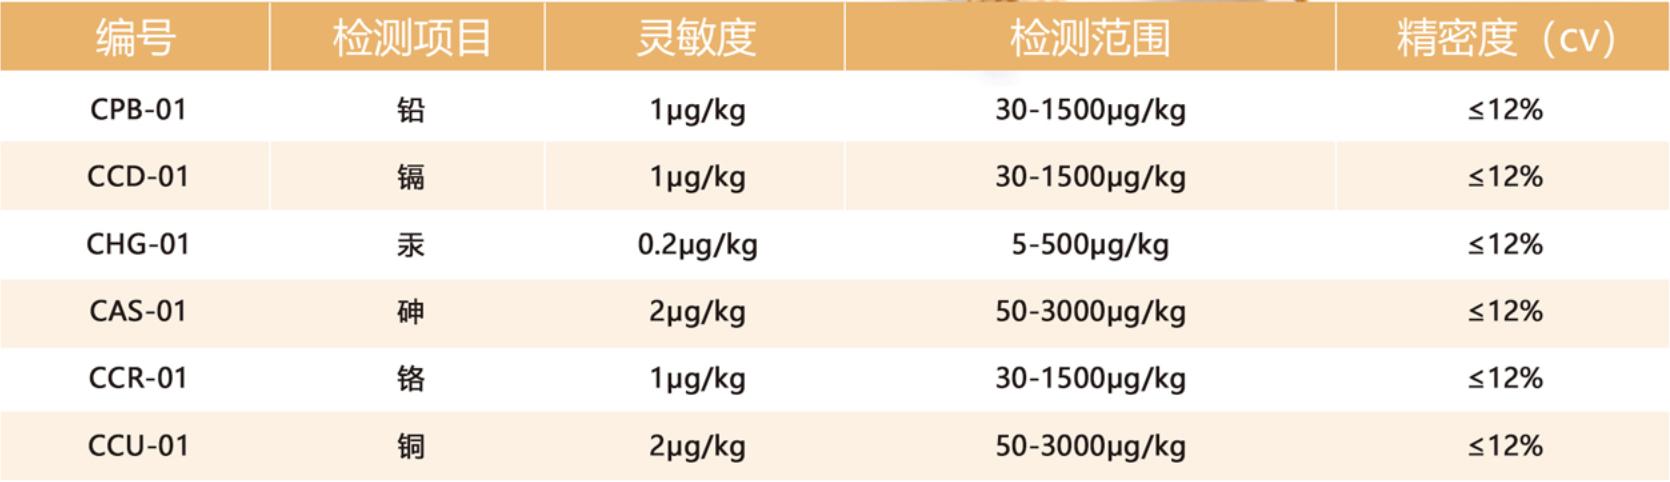 粮食重金属快速检测仪